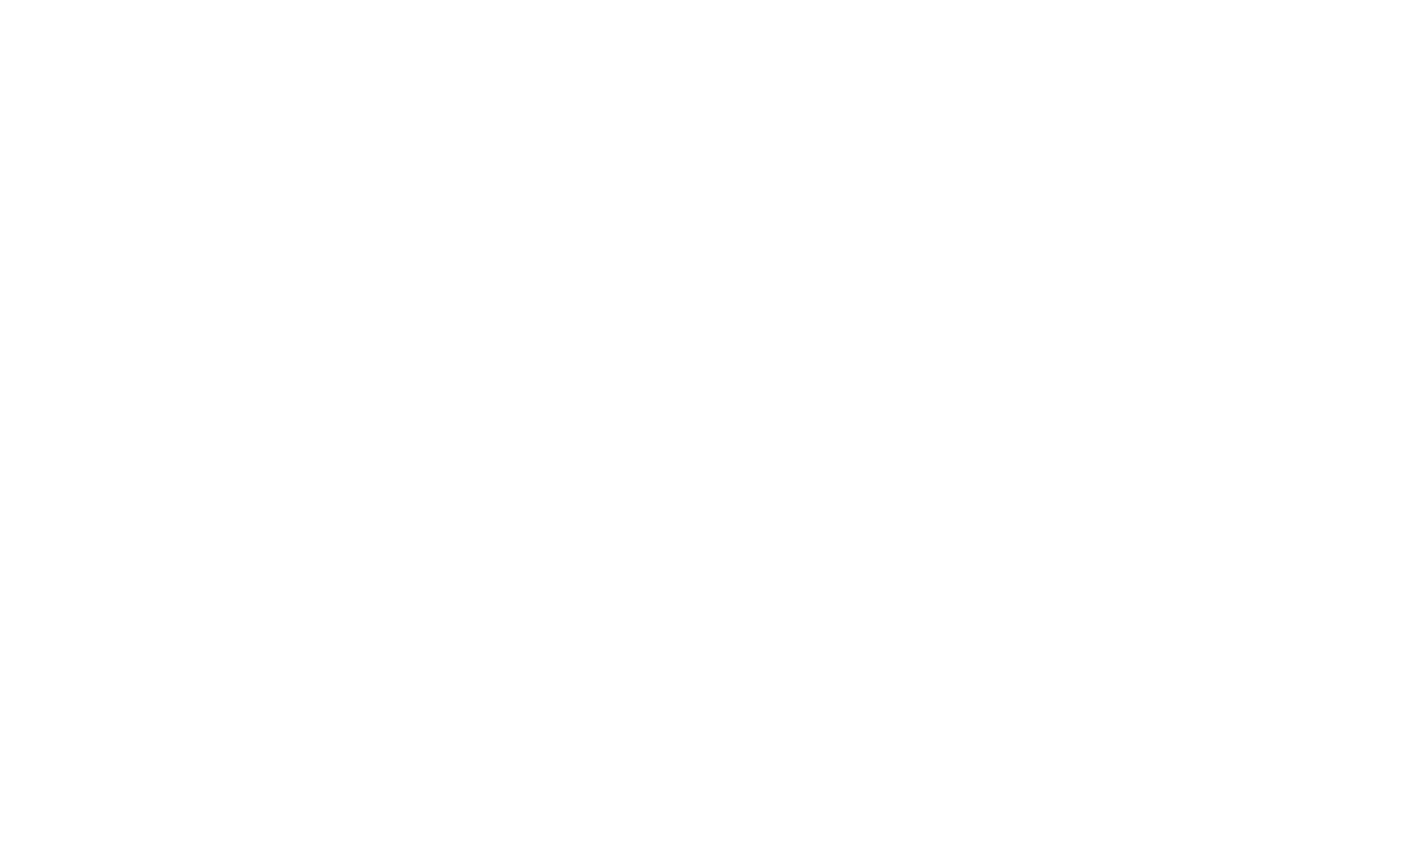 Villar-Digital-Logomarca-branca.png